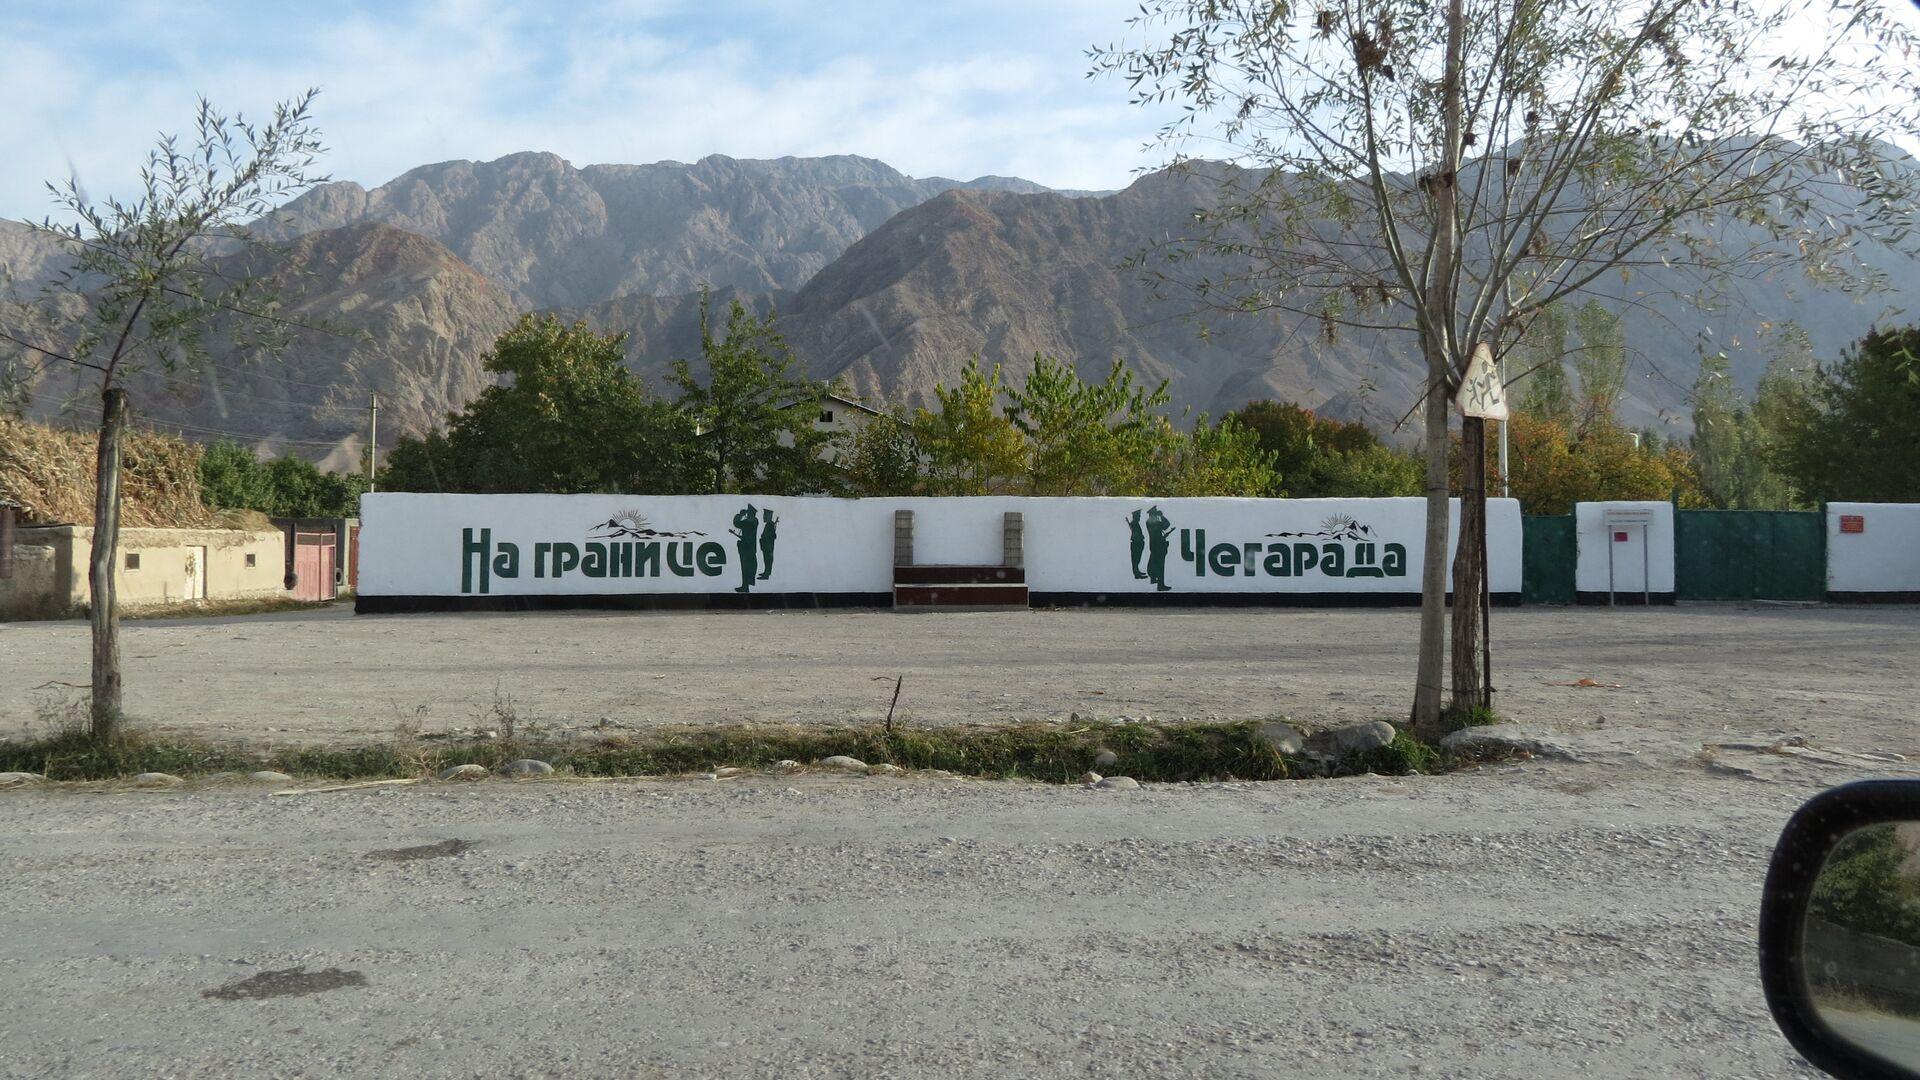 Воинская часть Кыргызстана между материковым Таджикистаном и Ворухским анклавом, архивное фото - Sputnik Таджикистан, 1920, 24.08.2021